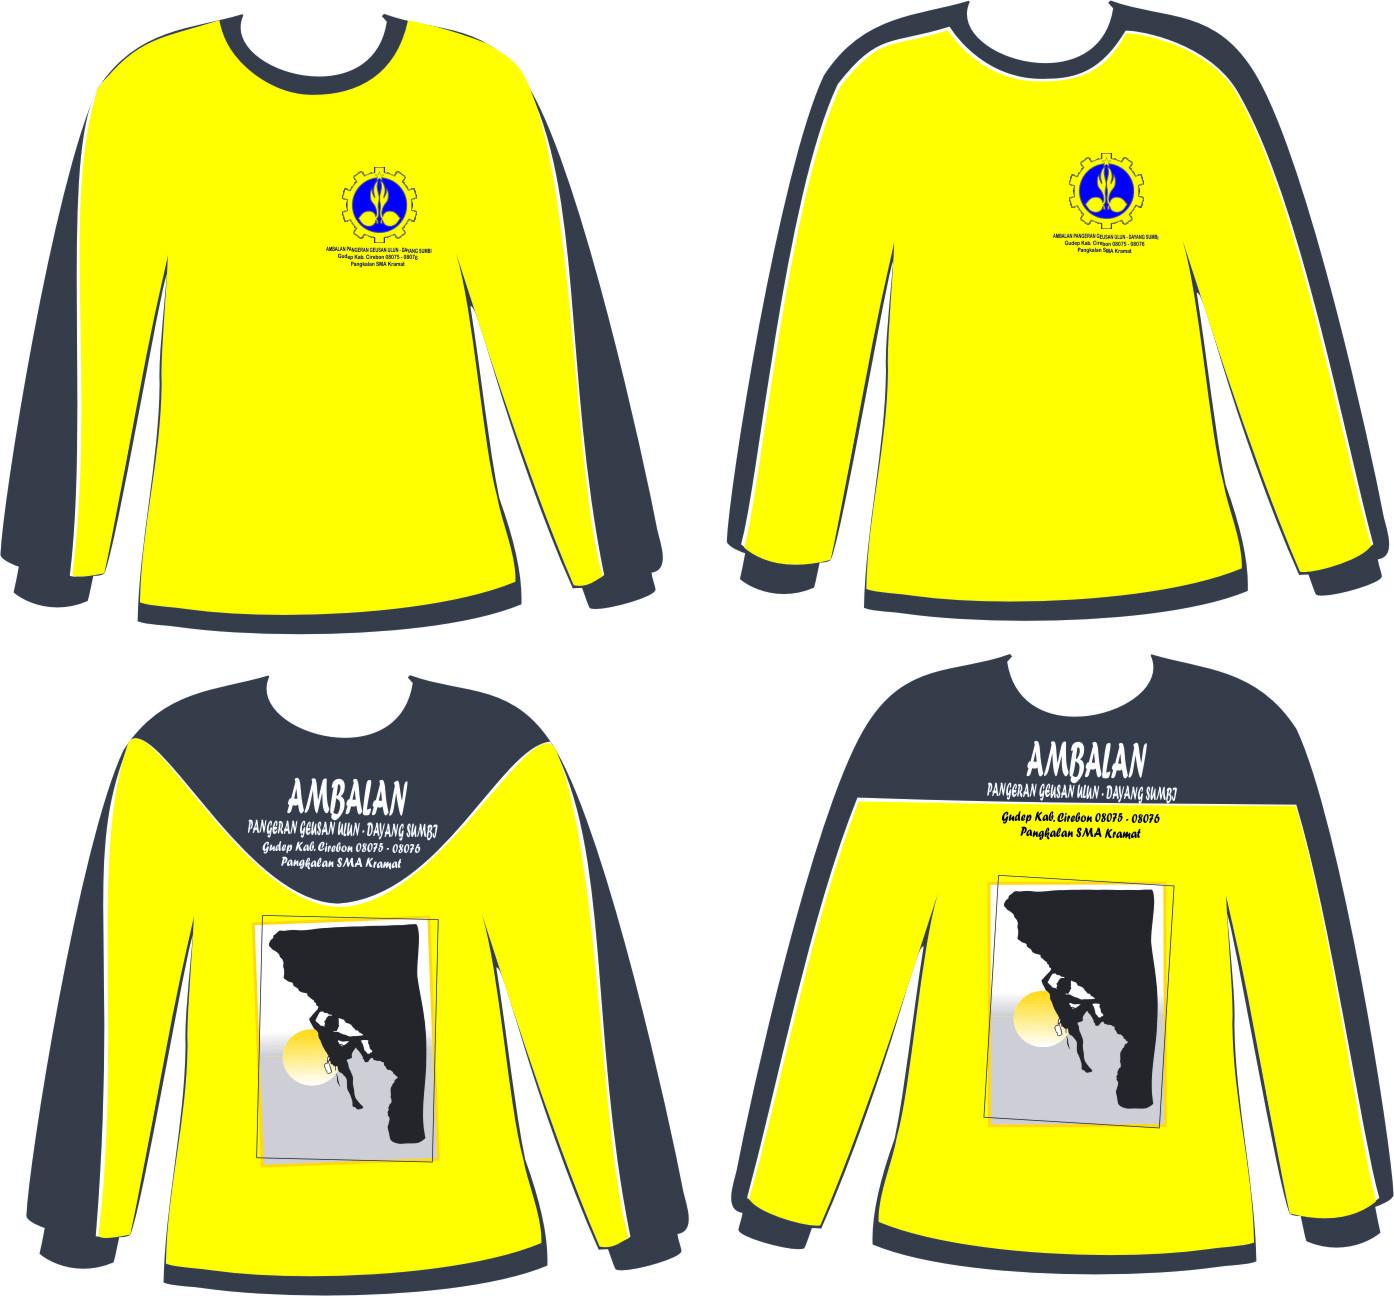 Contoh desain t shirt kelas - Contoh Desain T Shirt Kelas 48